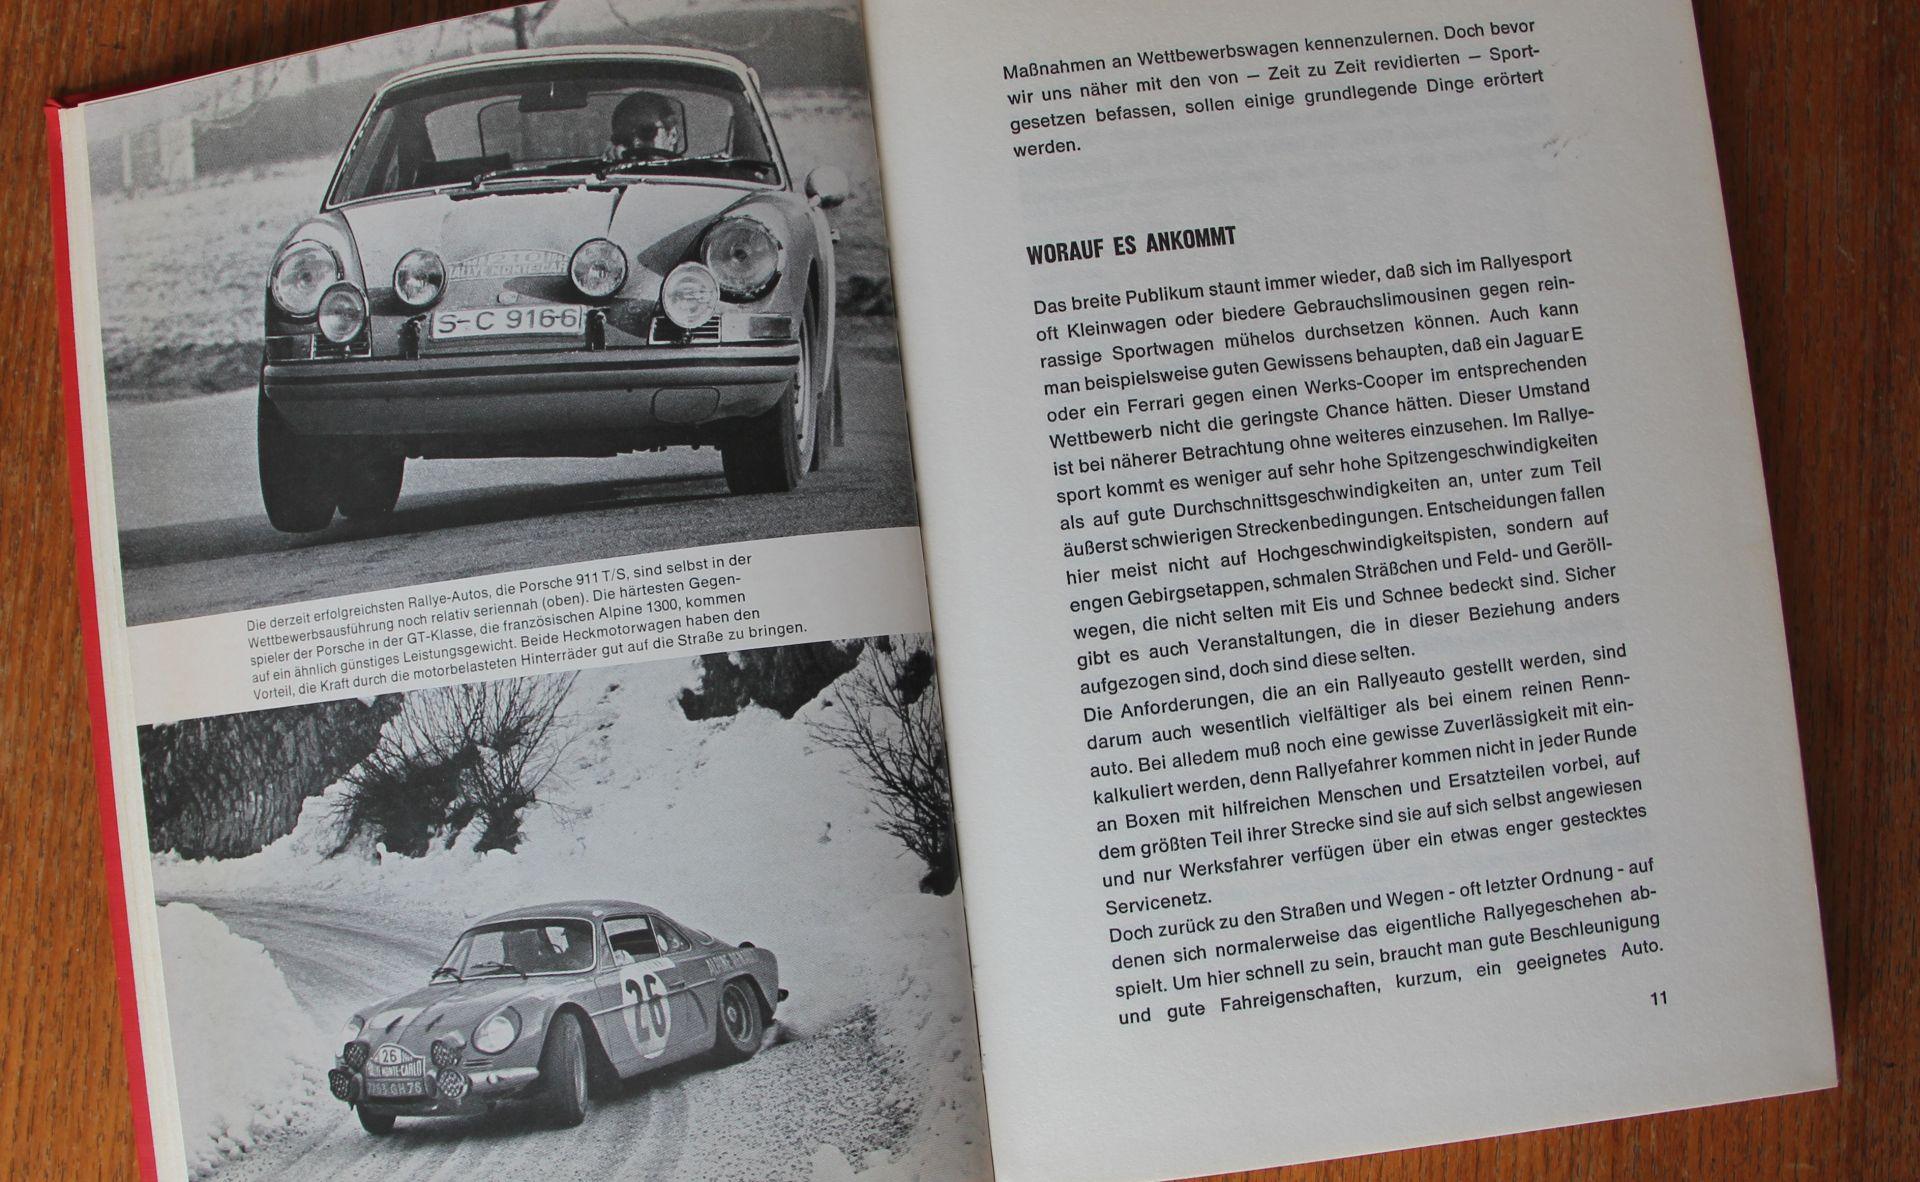 """Auch der Elfer kommt in Hacks """"Rallyeautos"""" nicht zu kurz. Natürlich direkt neben seinem damaligen Hauptwidersacher - der Renault Alpine Berlinette"""